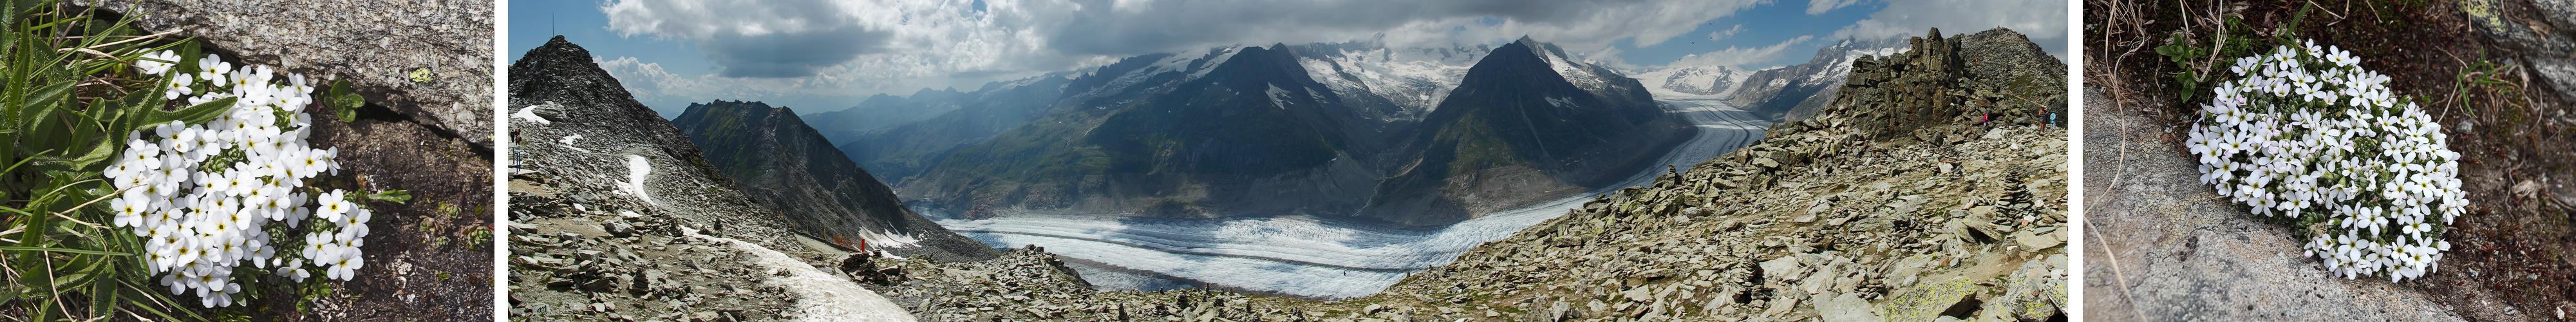 Gletscher-Mannsschild am Aletschgletscher